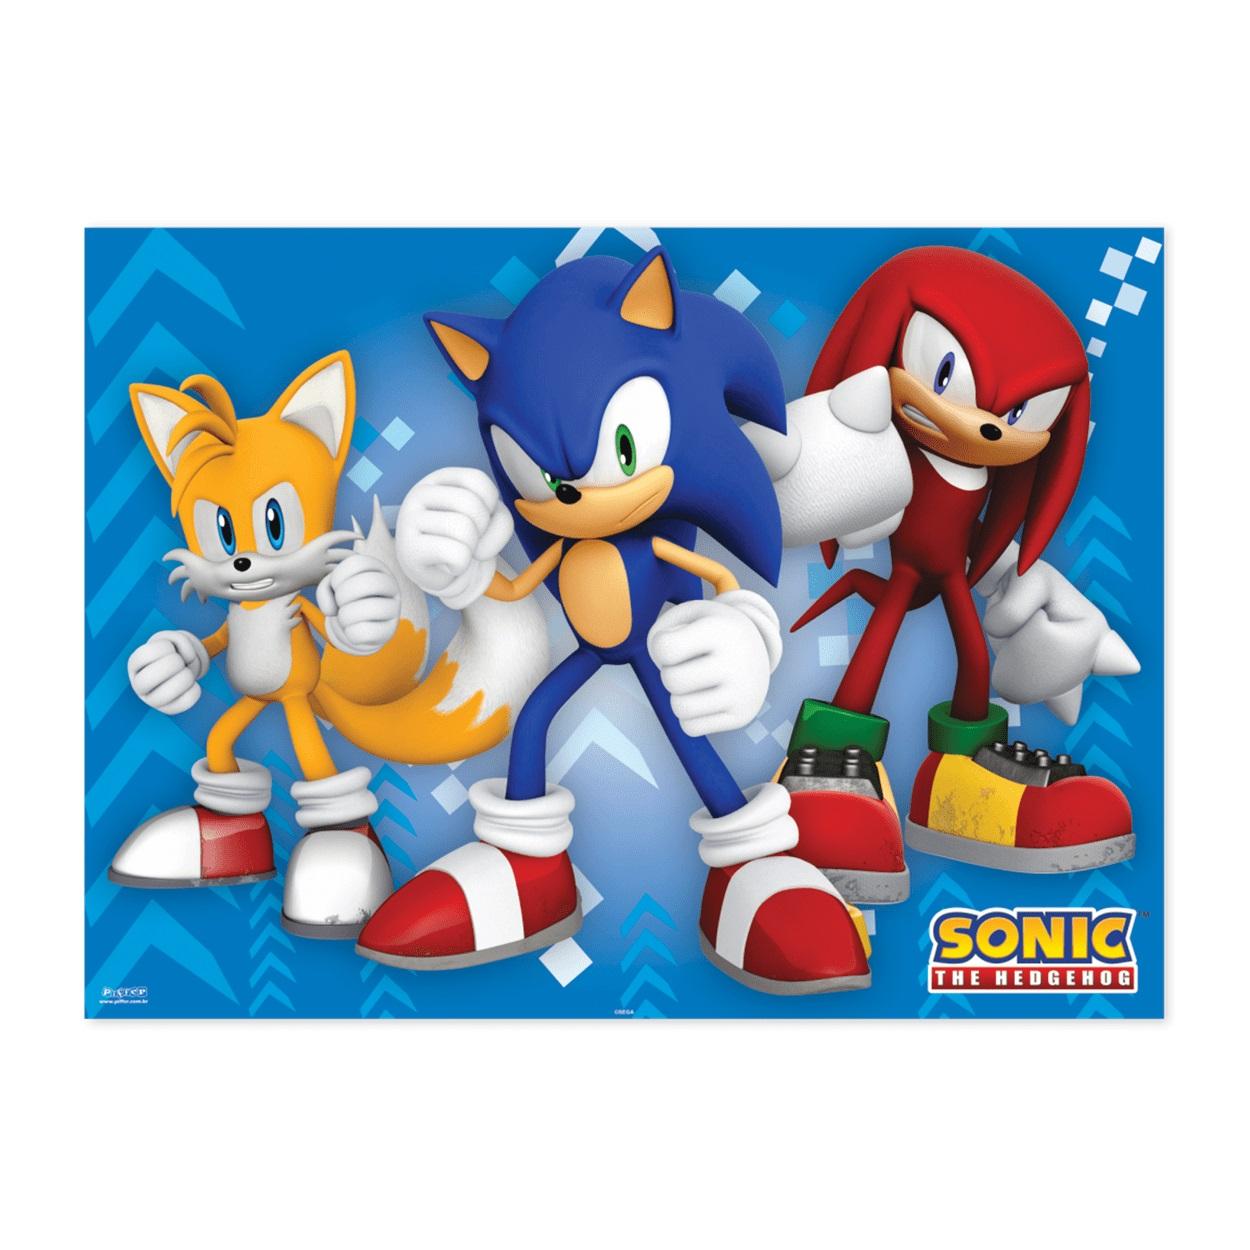 Painel Grande T.N.T Sonic 1,40m x 1,03m c1 unid Piffer